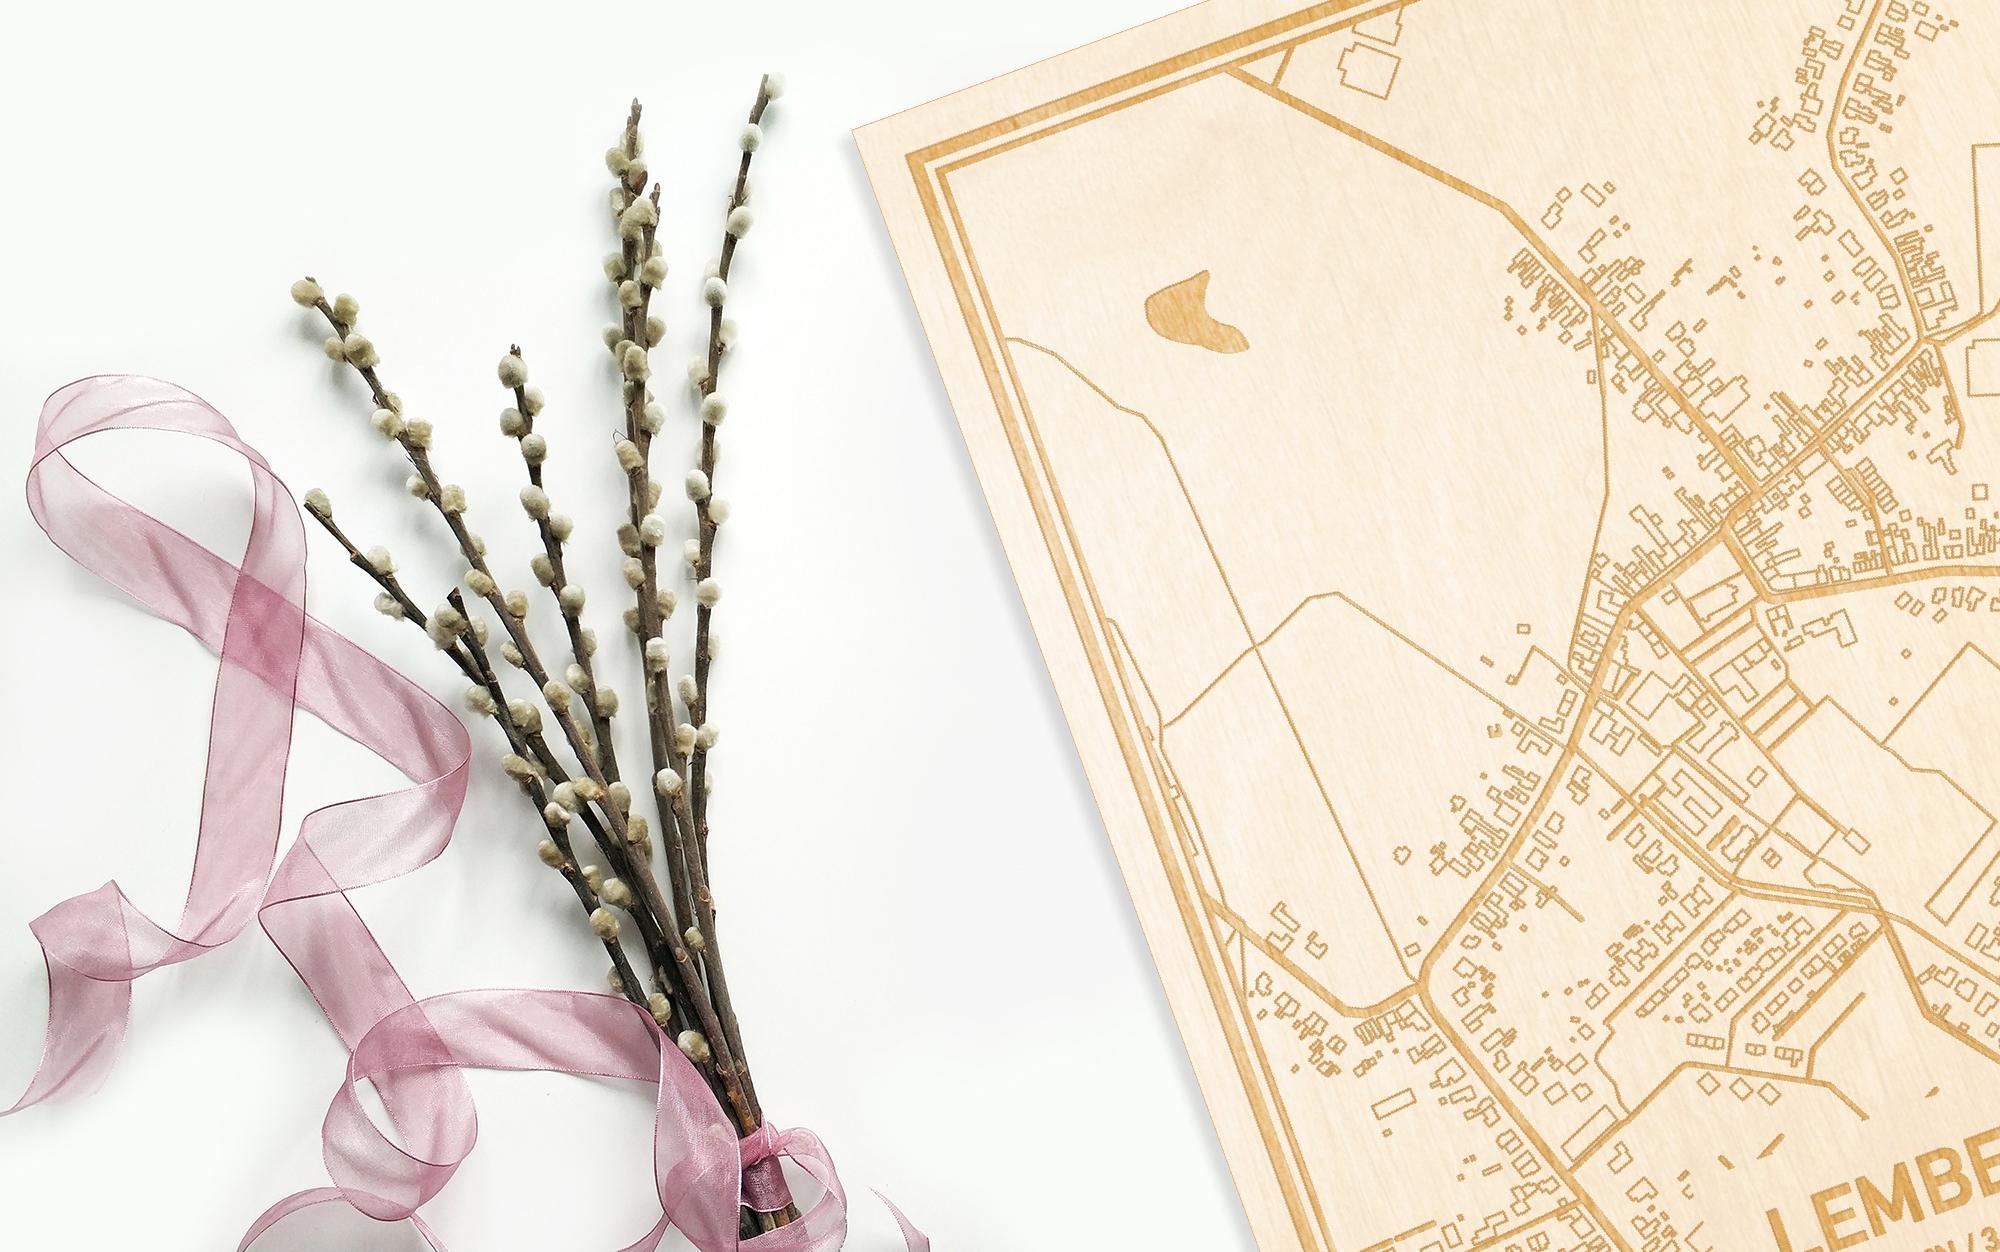 Hier ligt de houten plattegrond Lembeke naast een bloemetje als gepersonaliseerd cadeau voor haar.